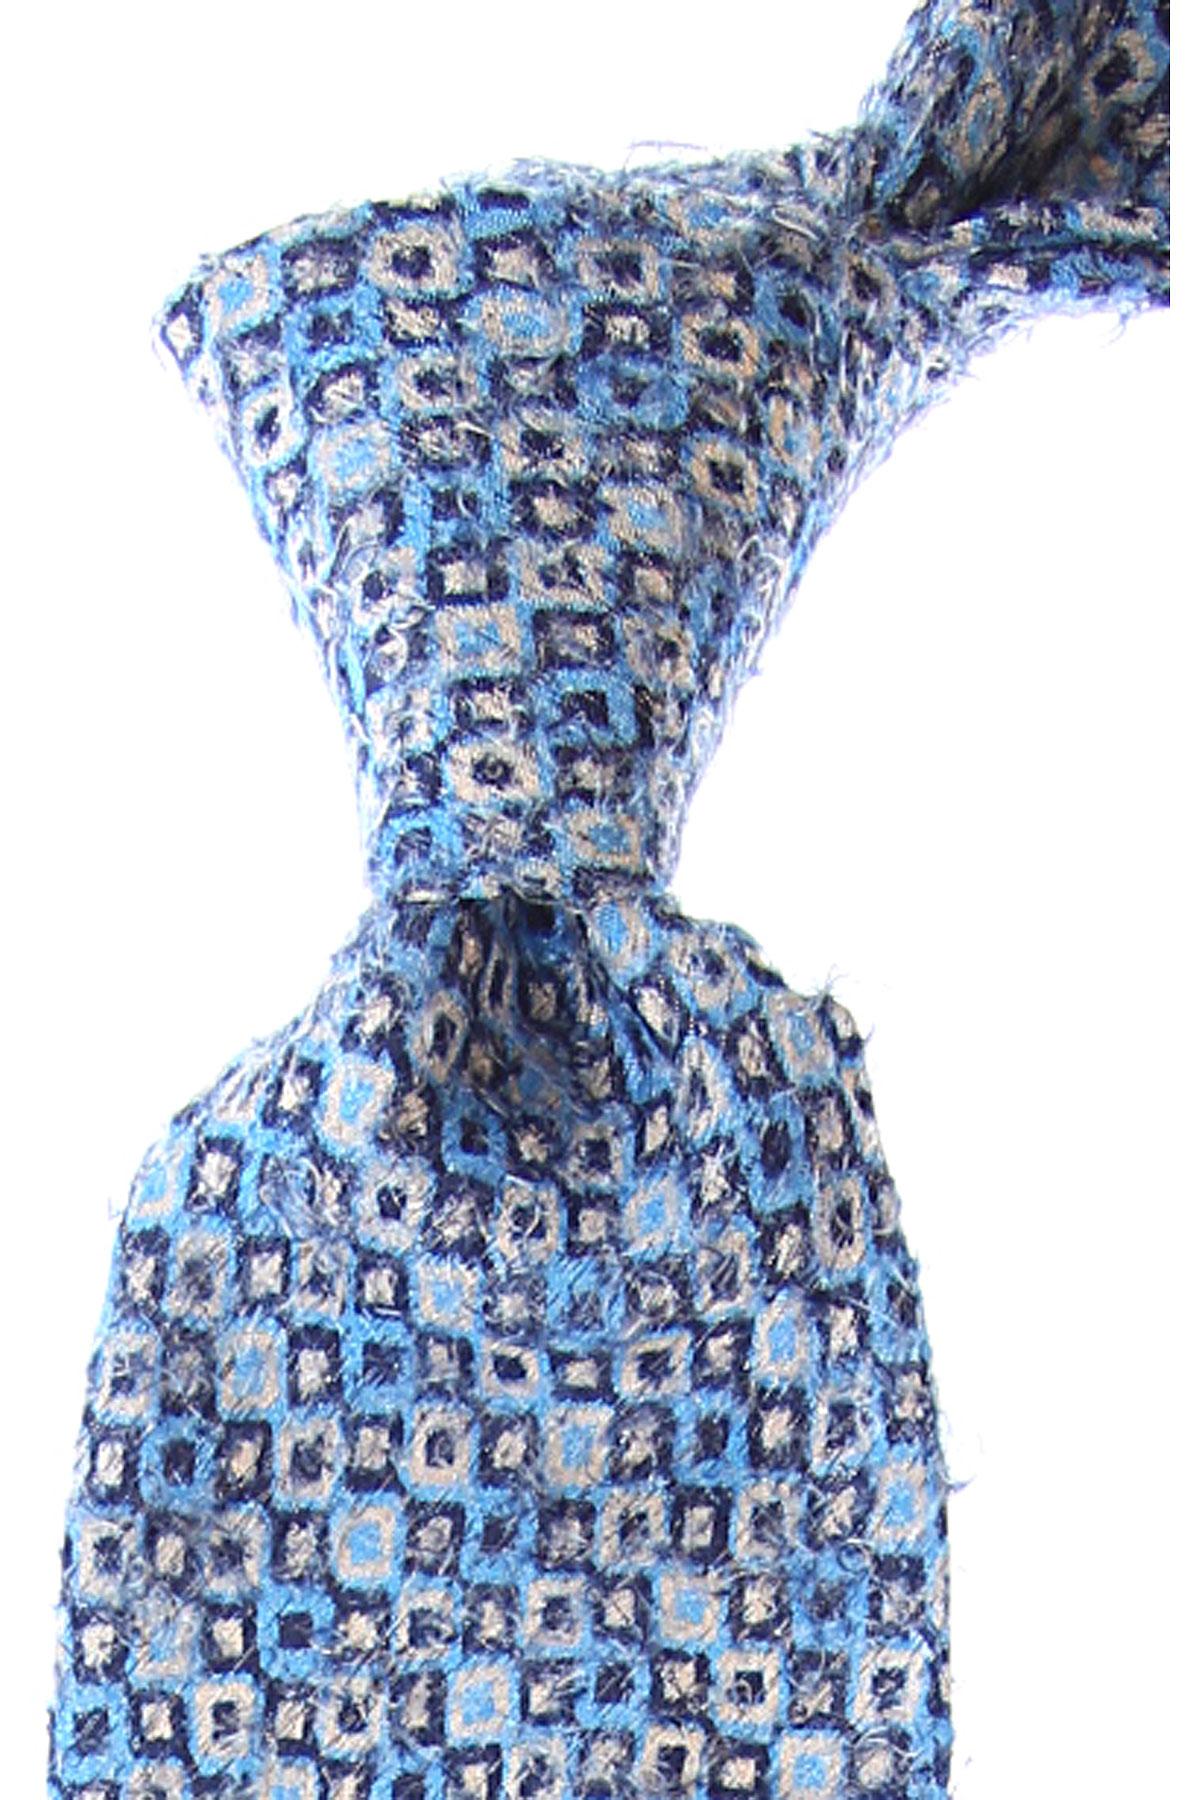 Fefe Napoli Cravates Pas cher en Soldes, Bleu ciel, Soie, 2019